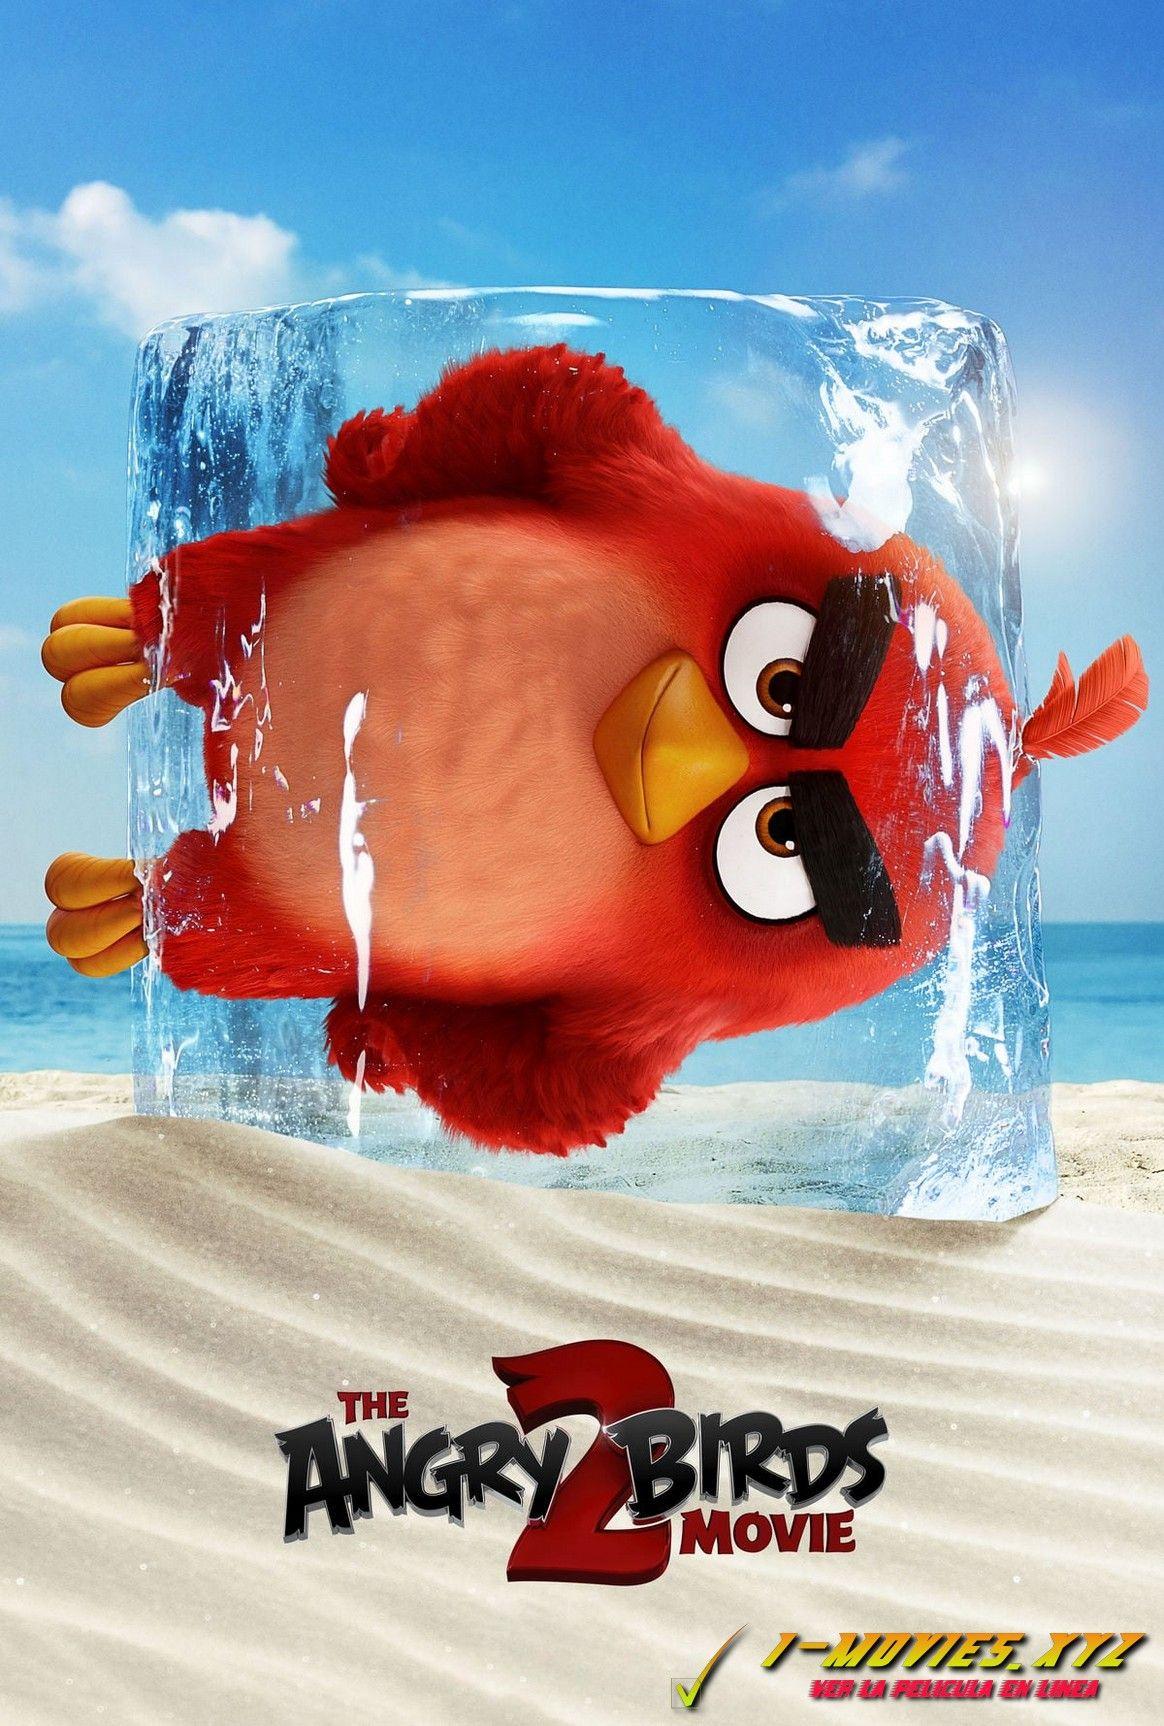 Ver Pelicula Angry Birds 2 La Pelicula En Castellano Angry Birds Movie Angry Birds Angry Birds 2 Movie